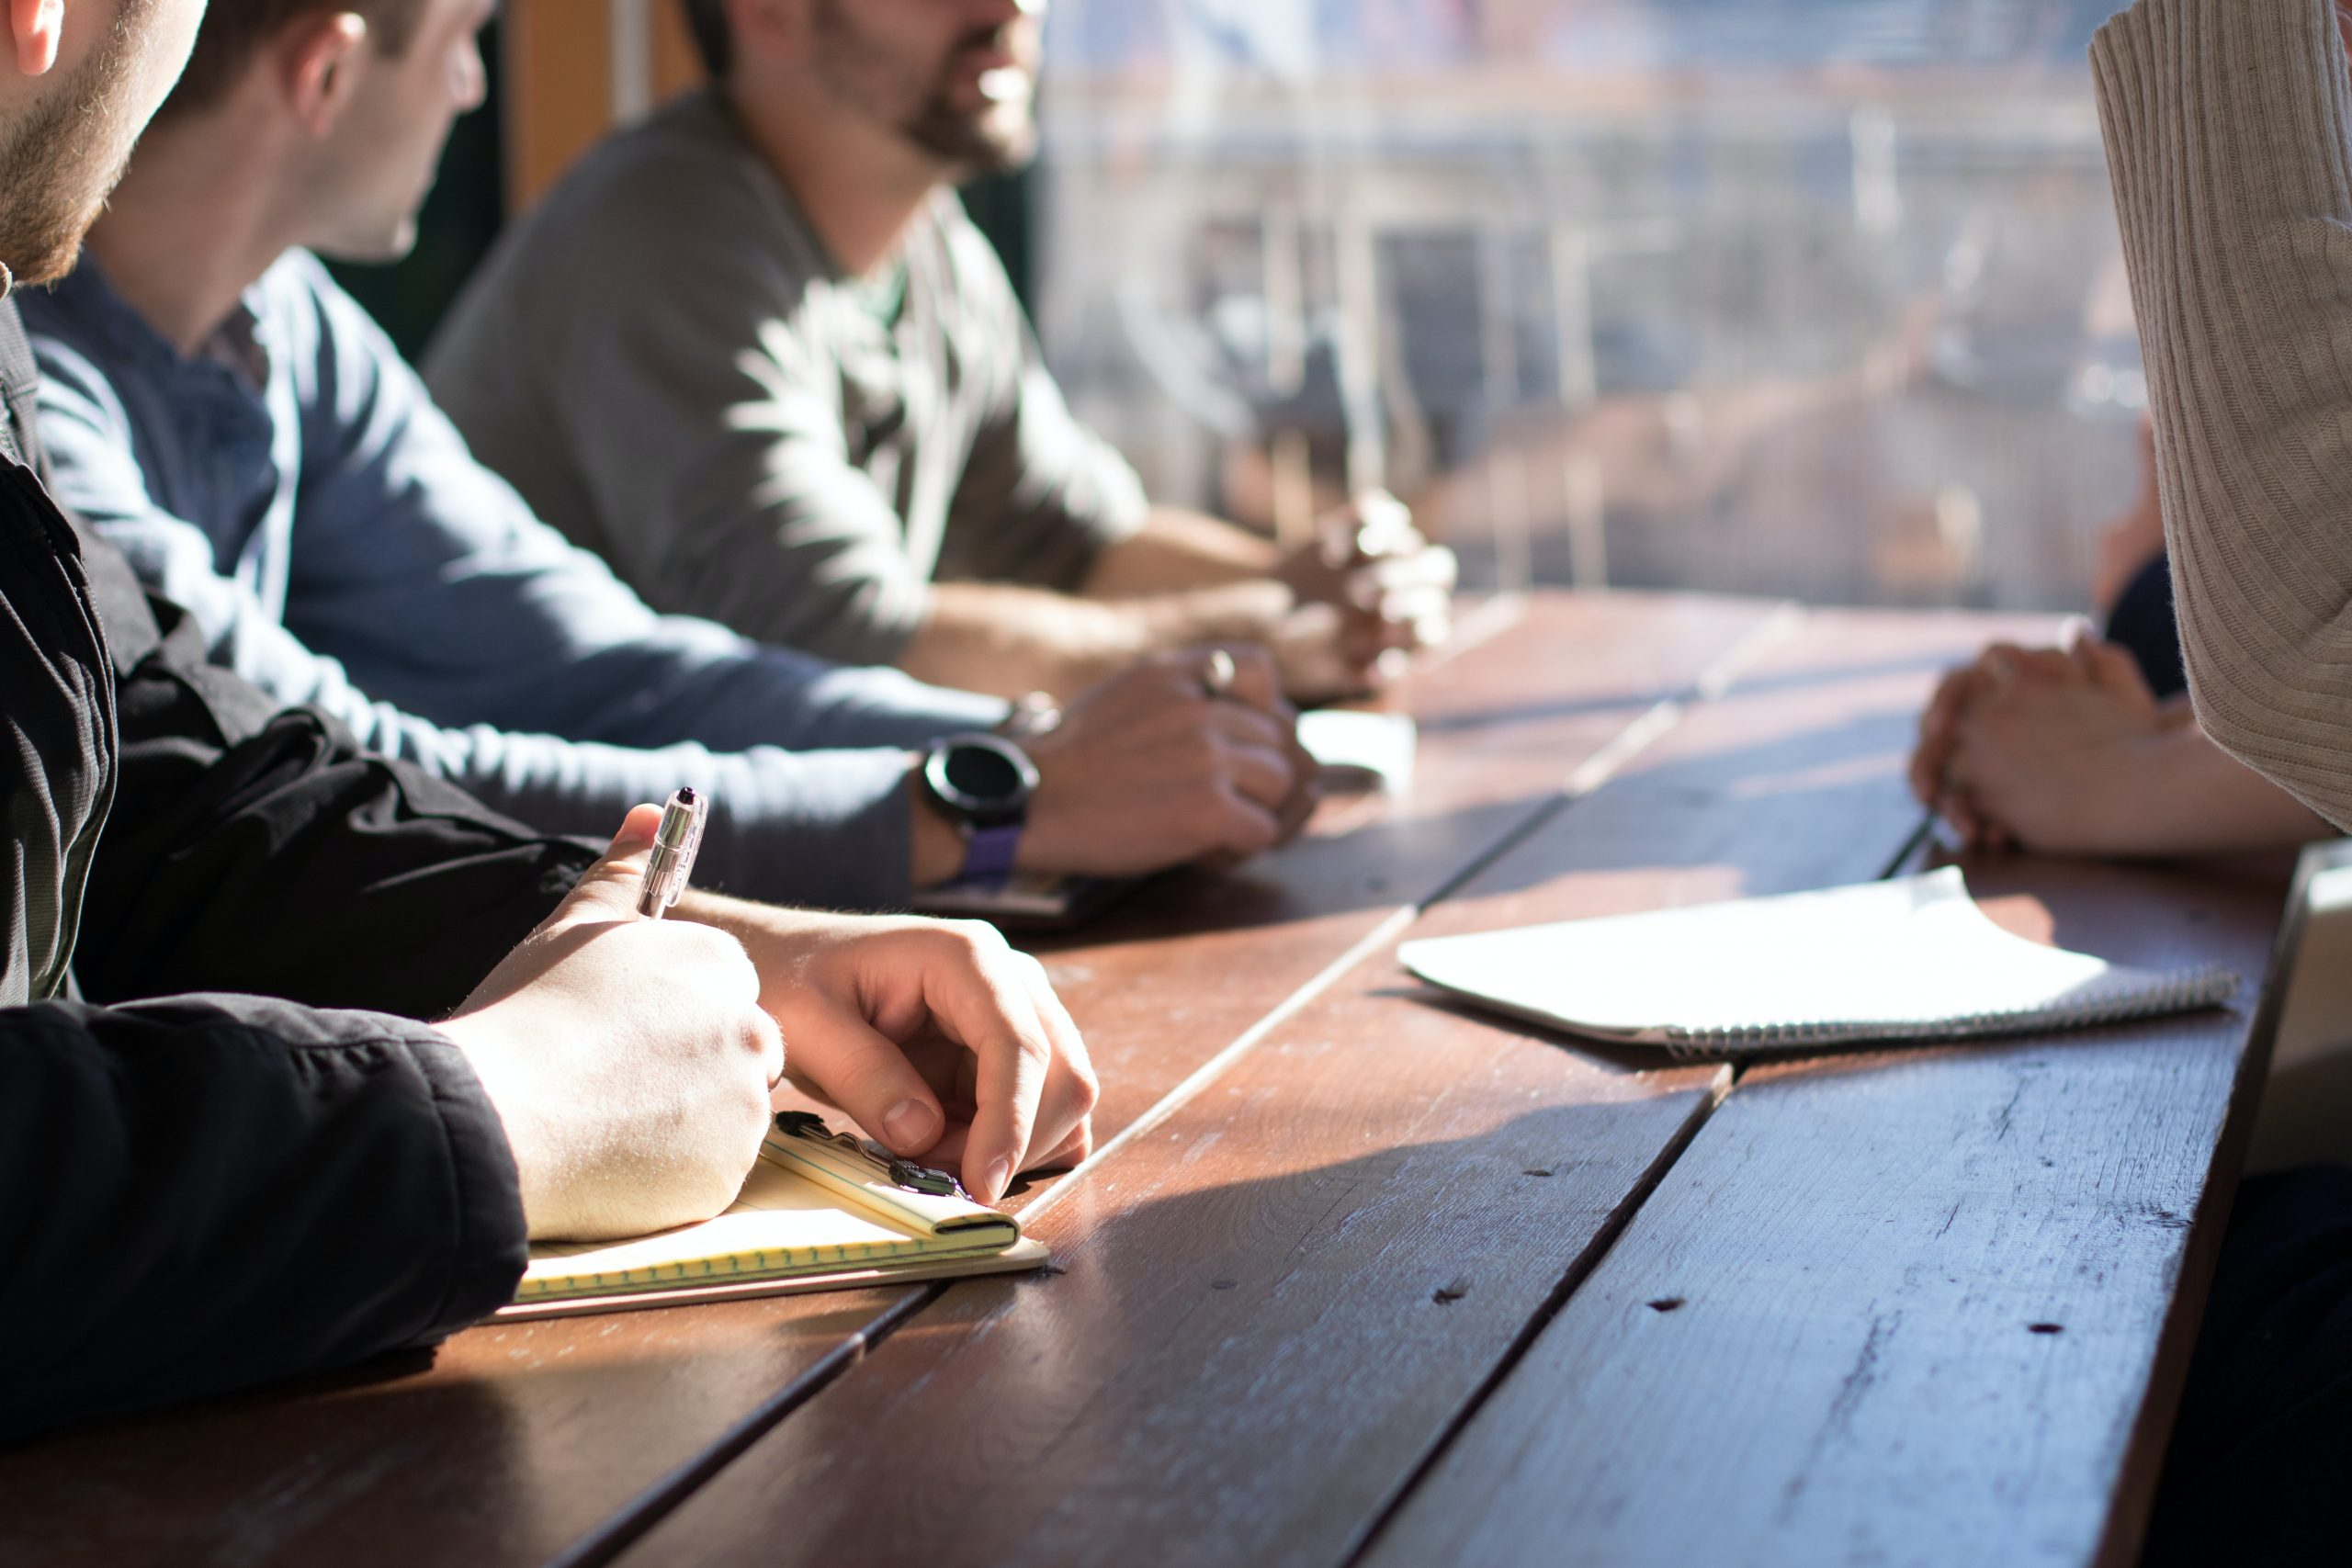 Le skill per il decision making in azienda: chi può seguire il processo decisionale in azienda